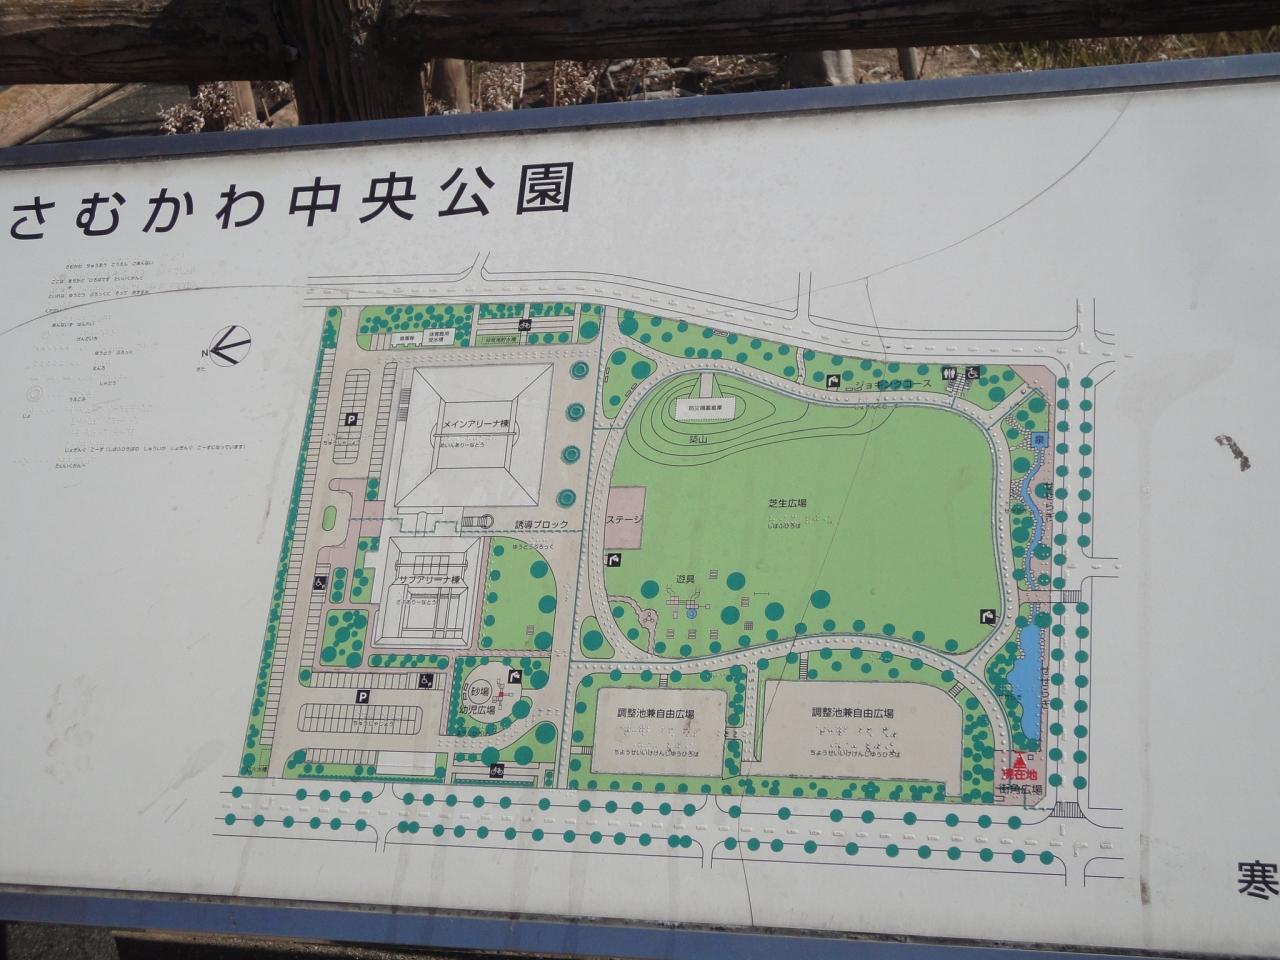 さむかわ中央公園 クチコミガイド【フォートラベル】|茅ヶ崎